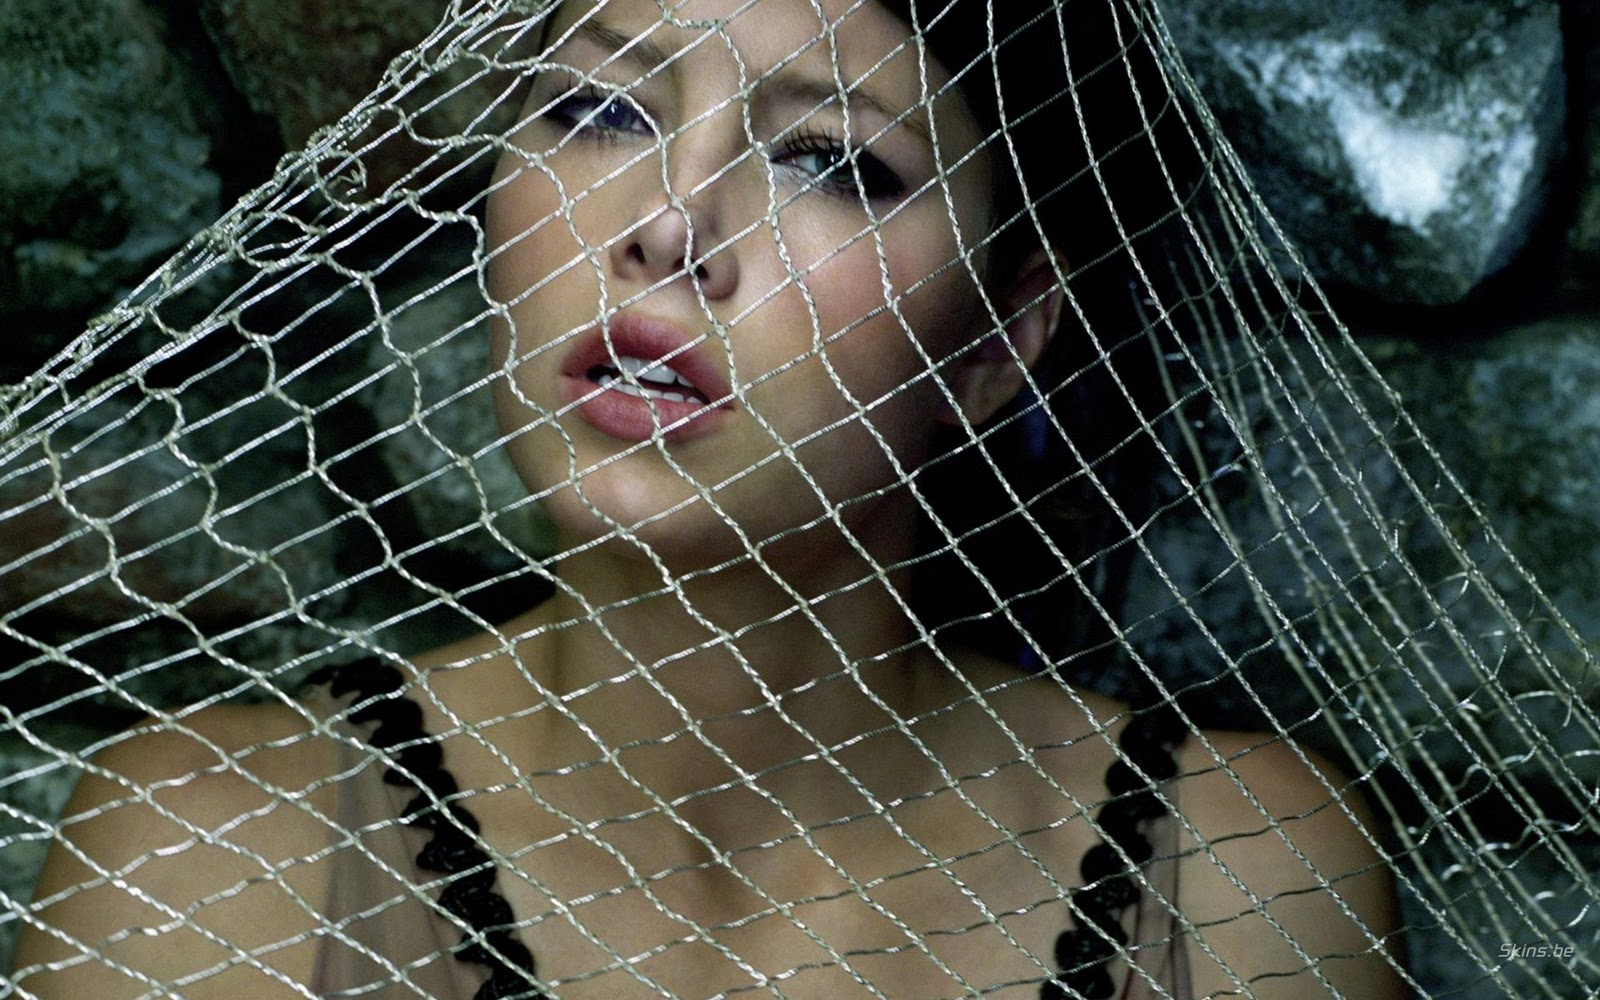 http://1.bp.blogspot.com/_GCAuqodmOE4/TR38pXbuEZI/AAAAAAAAGYM/UgyMjs1NP6k/s1600/Sexy+Jessica+Biel+Hottest+HQ+Wallpapers+%25288%2529.jpg